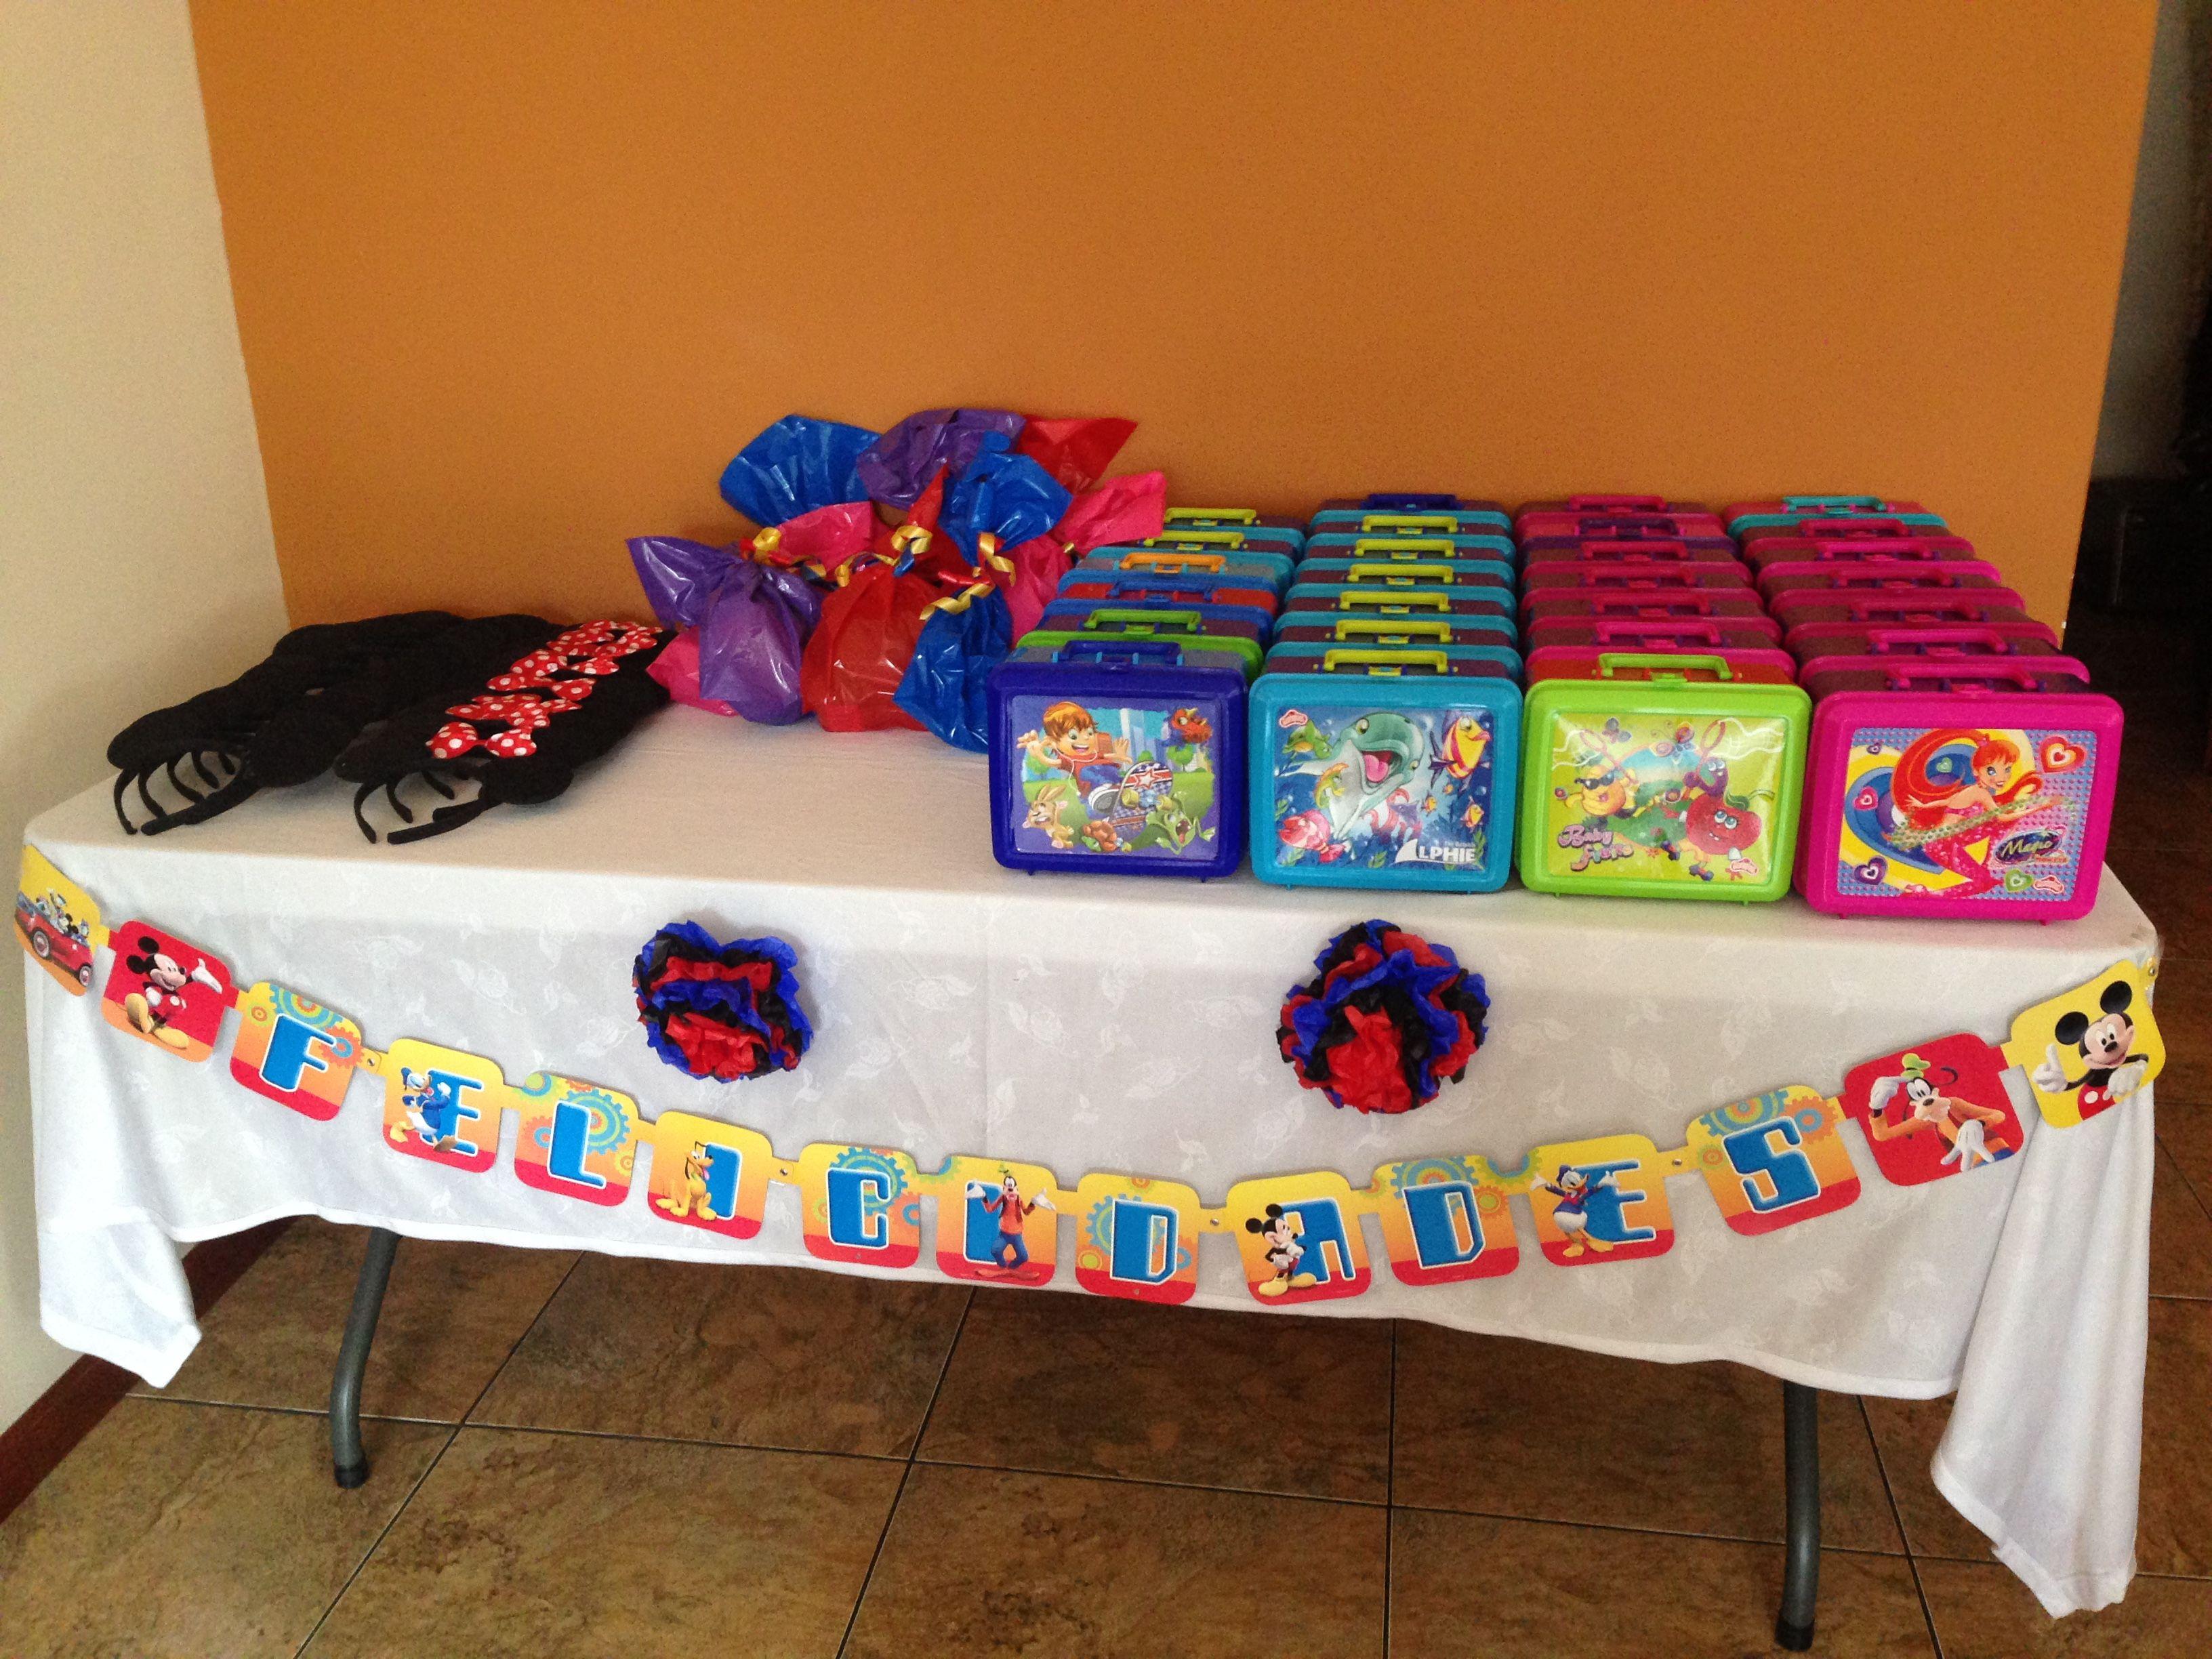 Mesa de sorpresas o regalos para los invitados que incluye una lanchera con una bolsita de dulces por dentro. Se regaló a cada invitado orejas de mickey mouse a su llegada :)